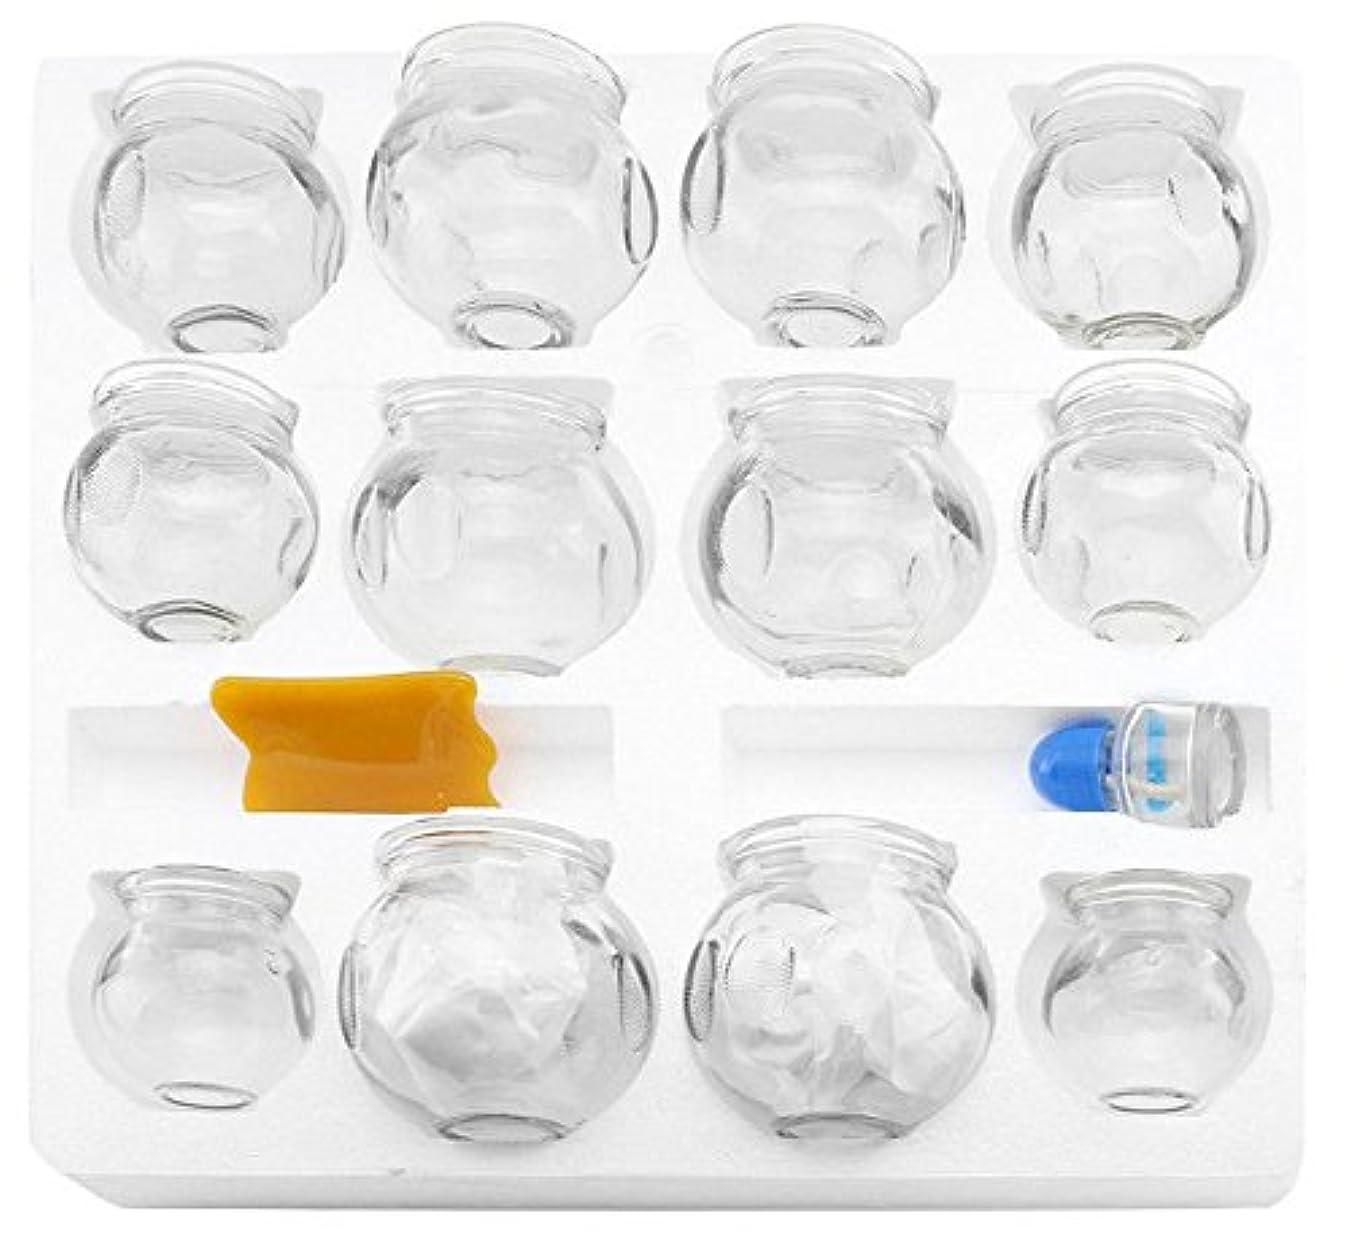 古風な知り合いになるカラス12 pcs厚いガラスカッピング療法セットfor Professionals ( 2カップ# 5 ~ 2.87